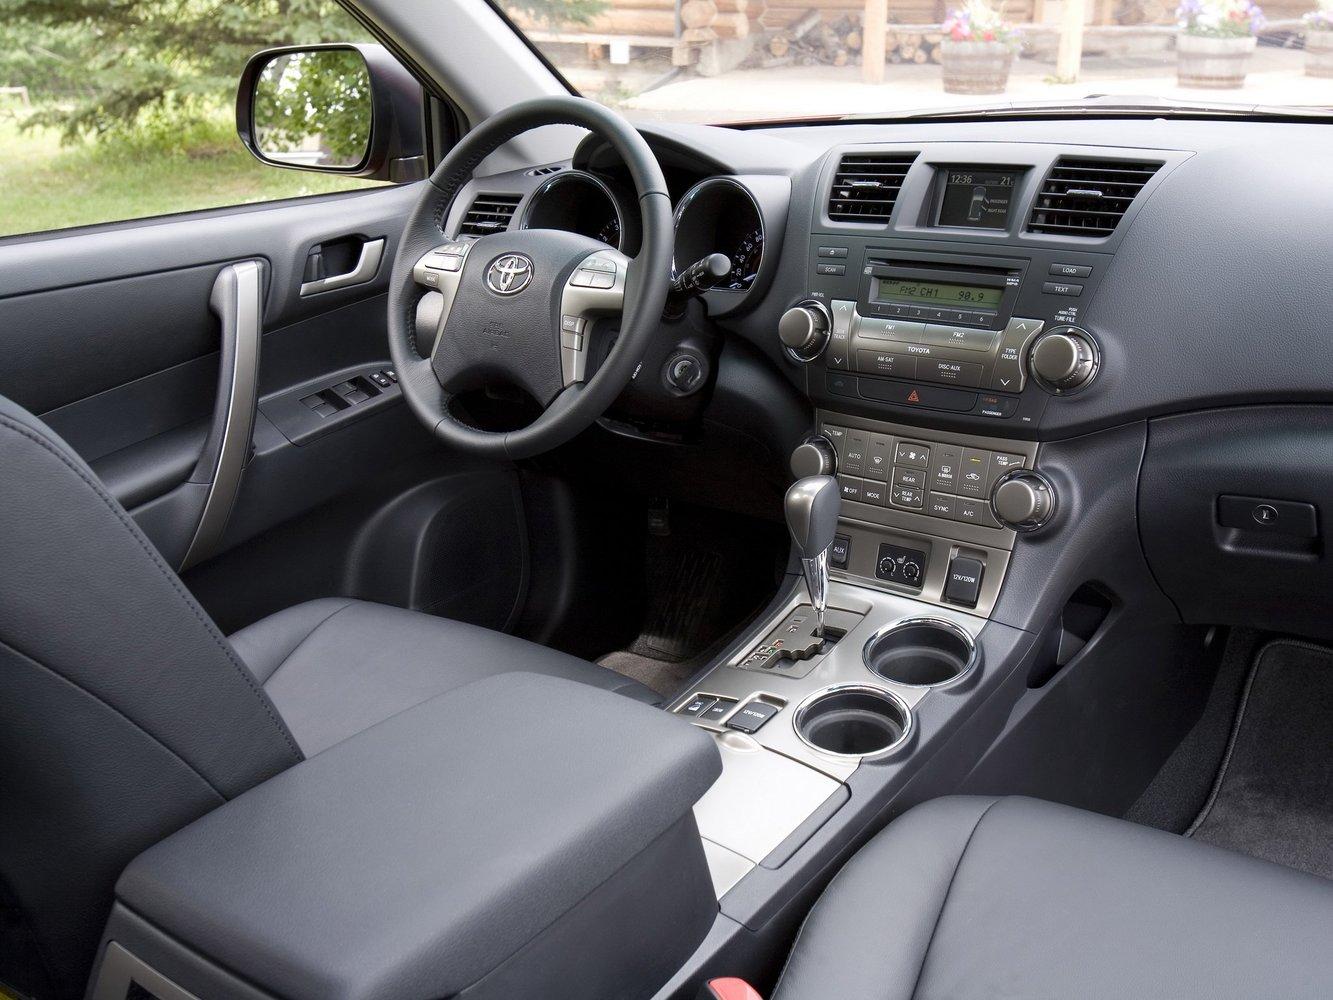 Toyota Highlander рестайлинг 2010, 2011, 2012, 2013, suv ...